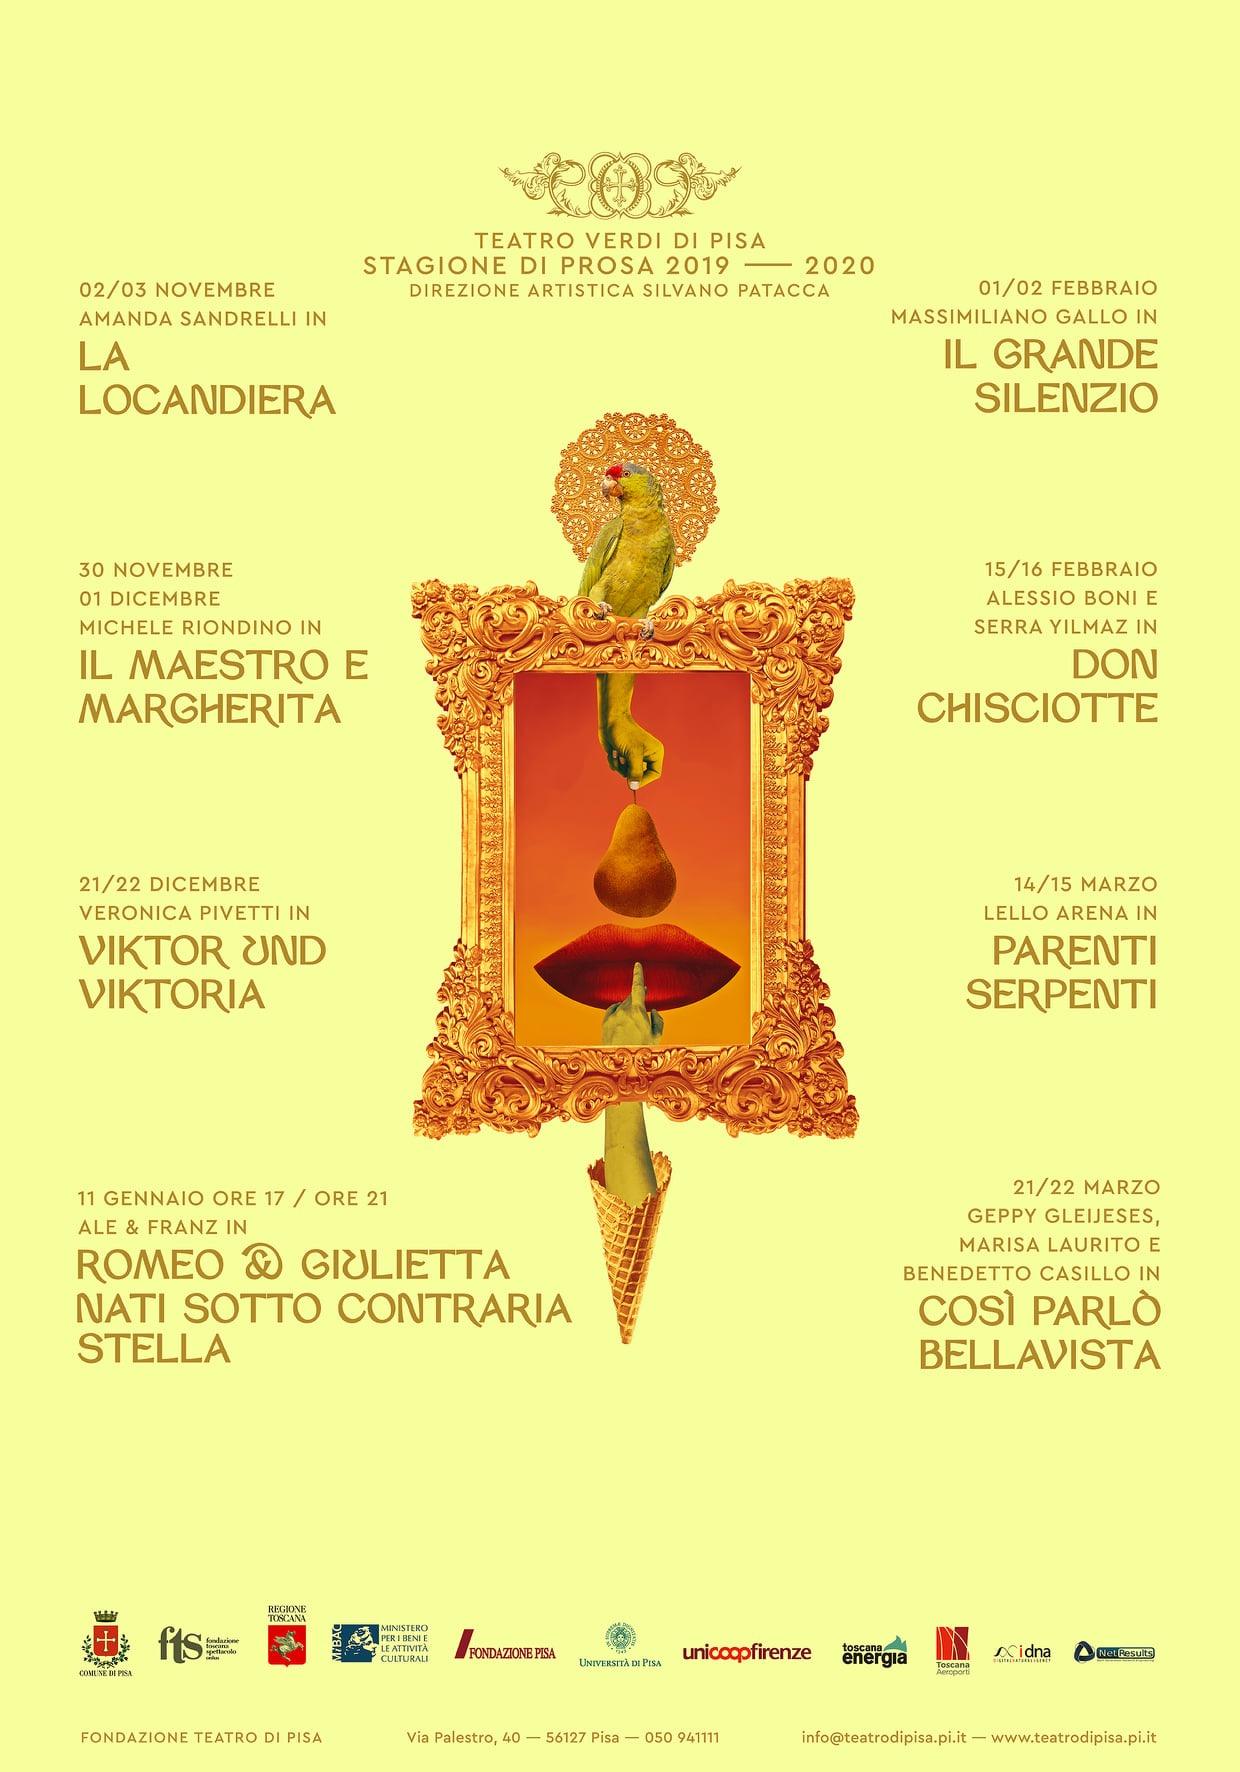 Teatro Verdi di Pisa: stagione di prosa 2019-20